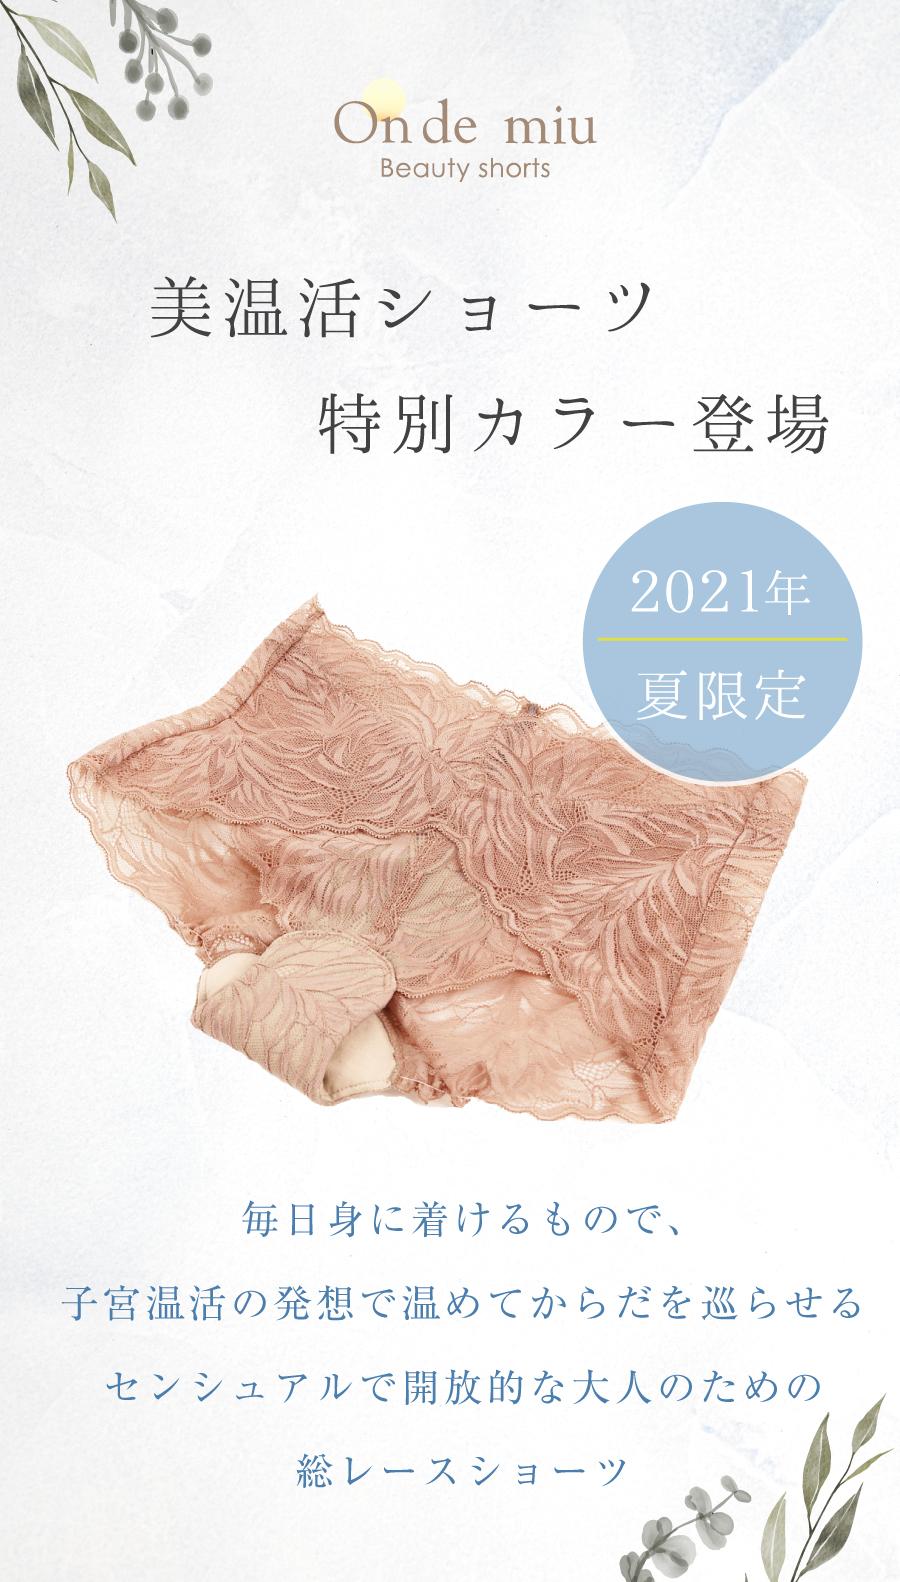 オンドミュウ 美温活ショーツ 2021年夏限定 特別カラー登場